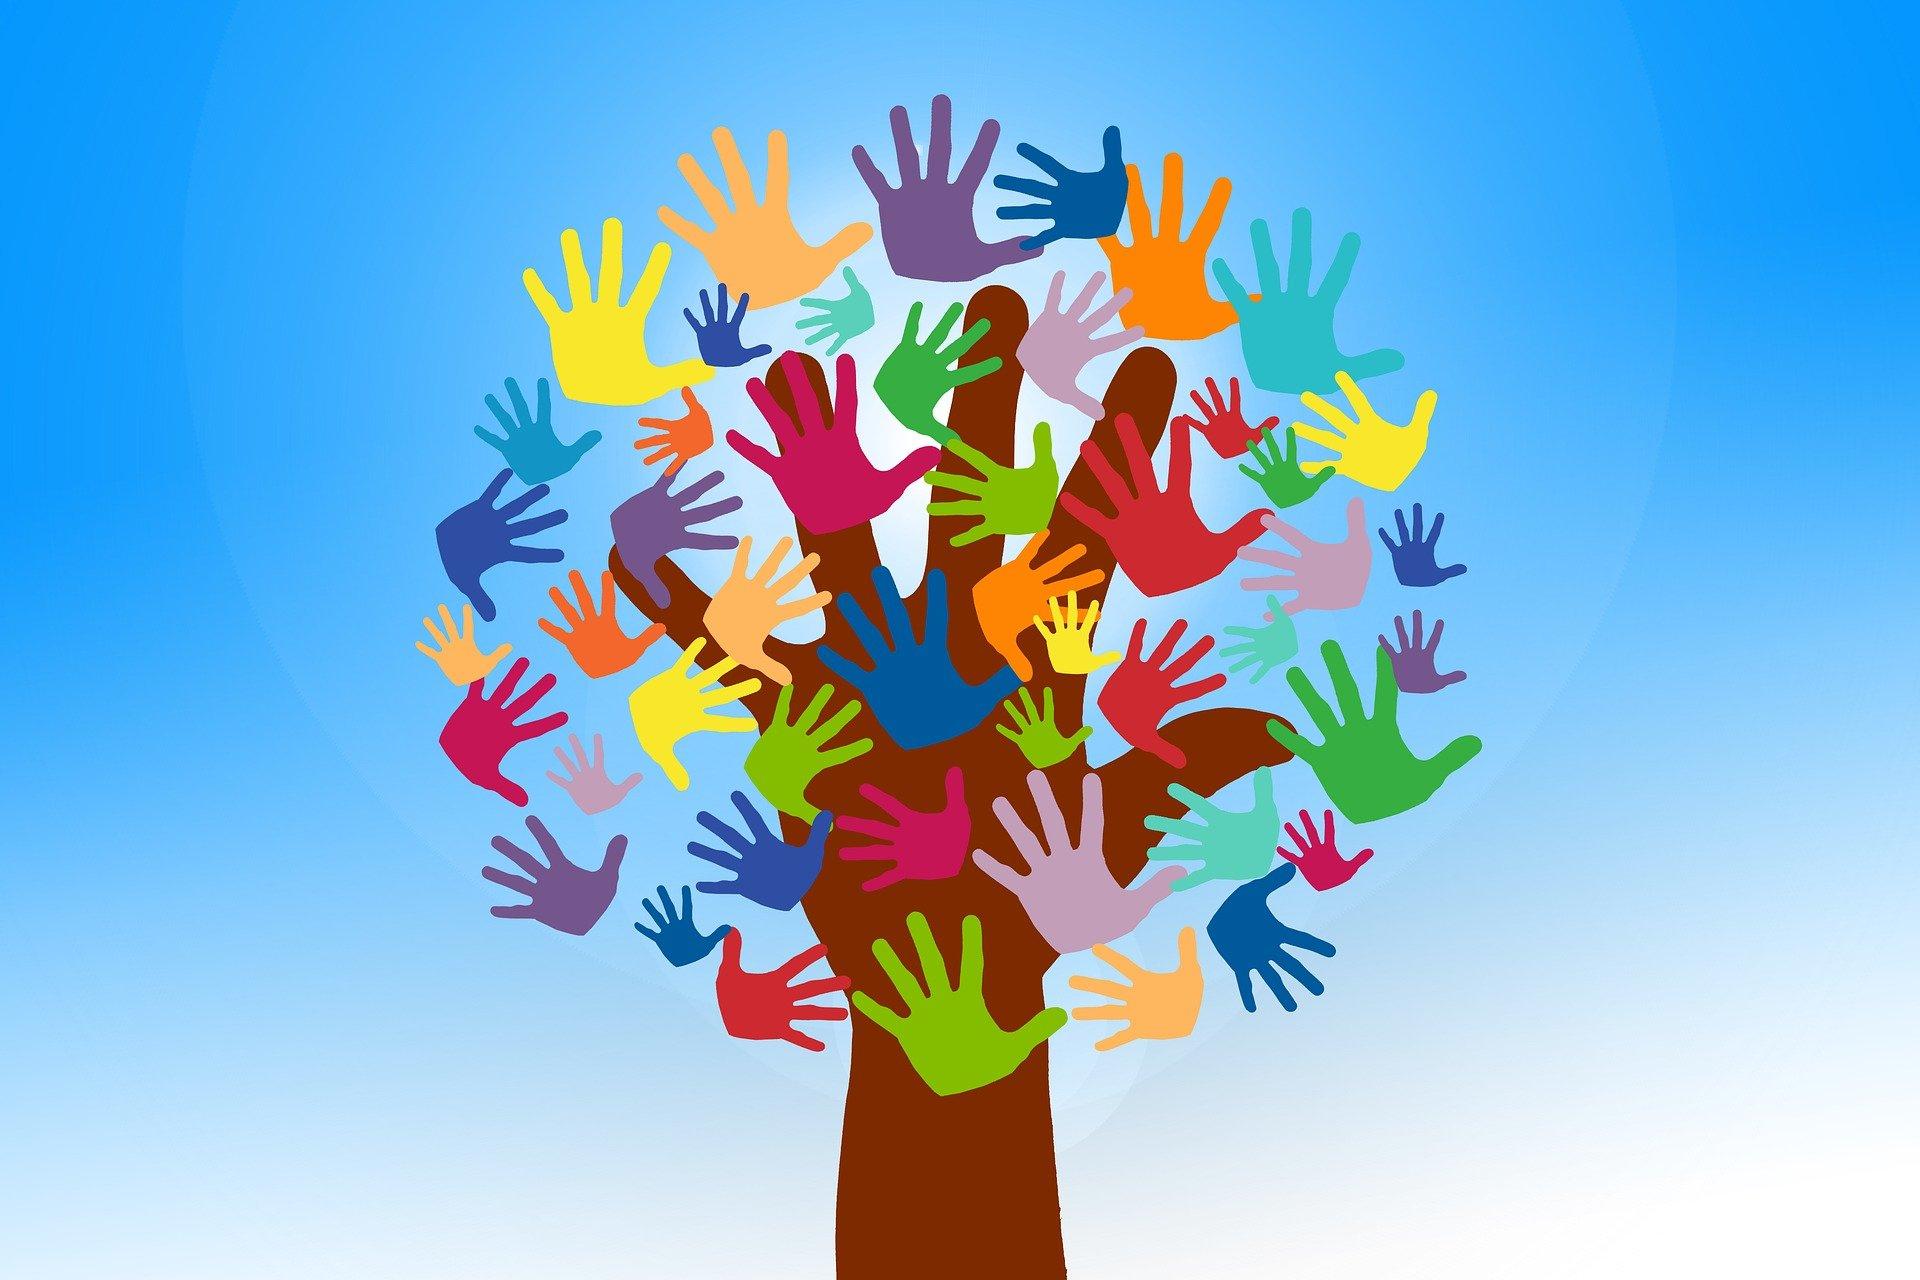 Wie verdient dit jaar de Vrijwilligersprijs?